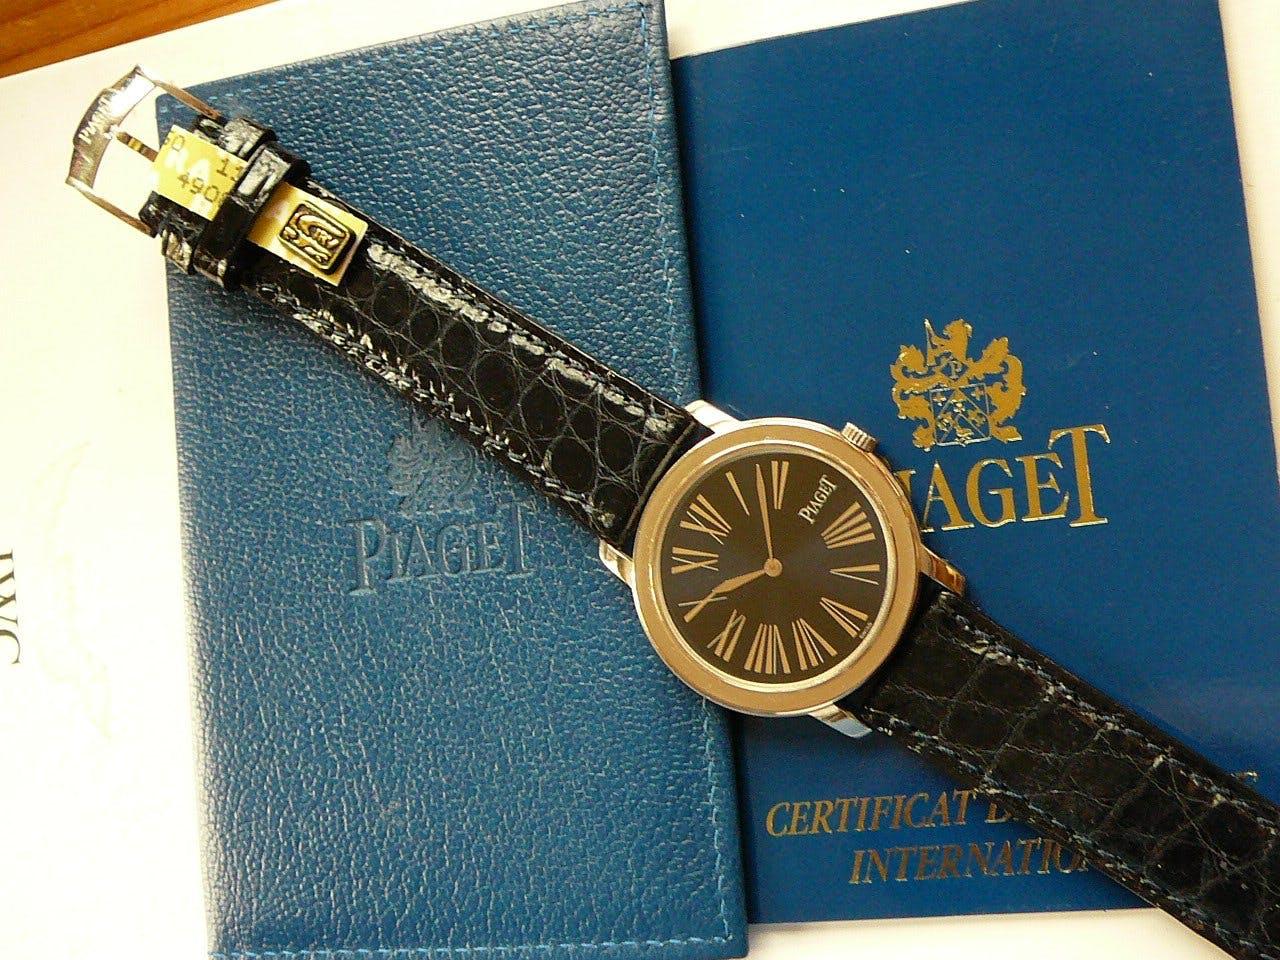 Da decenni Piaget è una marca leader degli orologi ultrasottili.